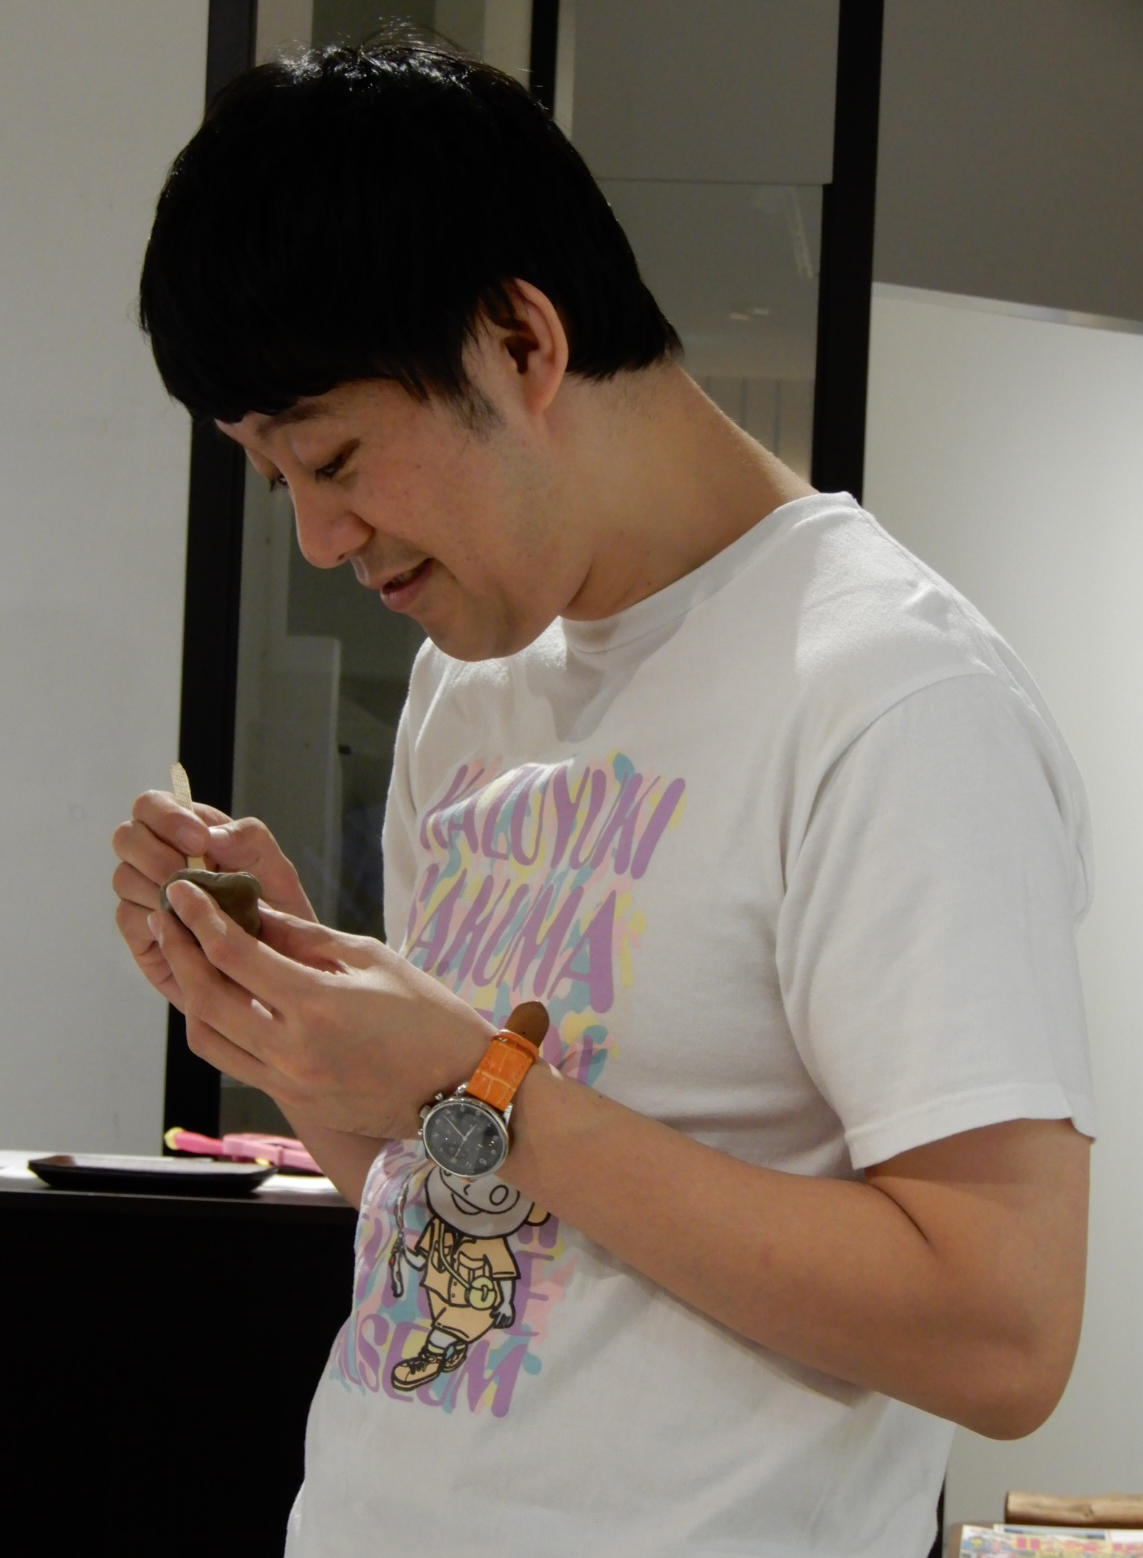 http://news.yoshimoto.co.jp/20181206225708-10158175d421f8415db50e3ae2a3f39d5ca38c9b.jpg